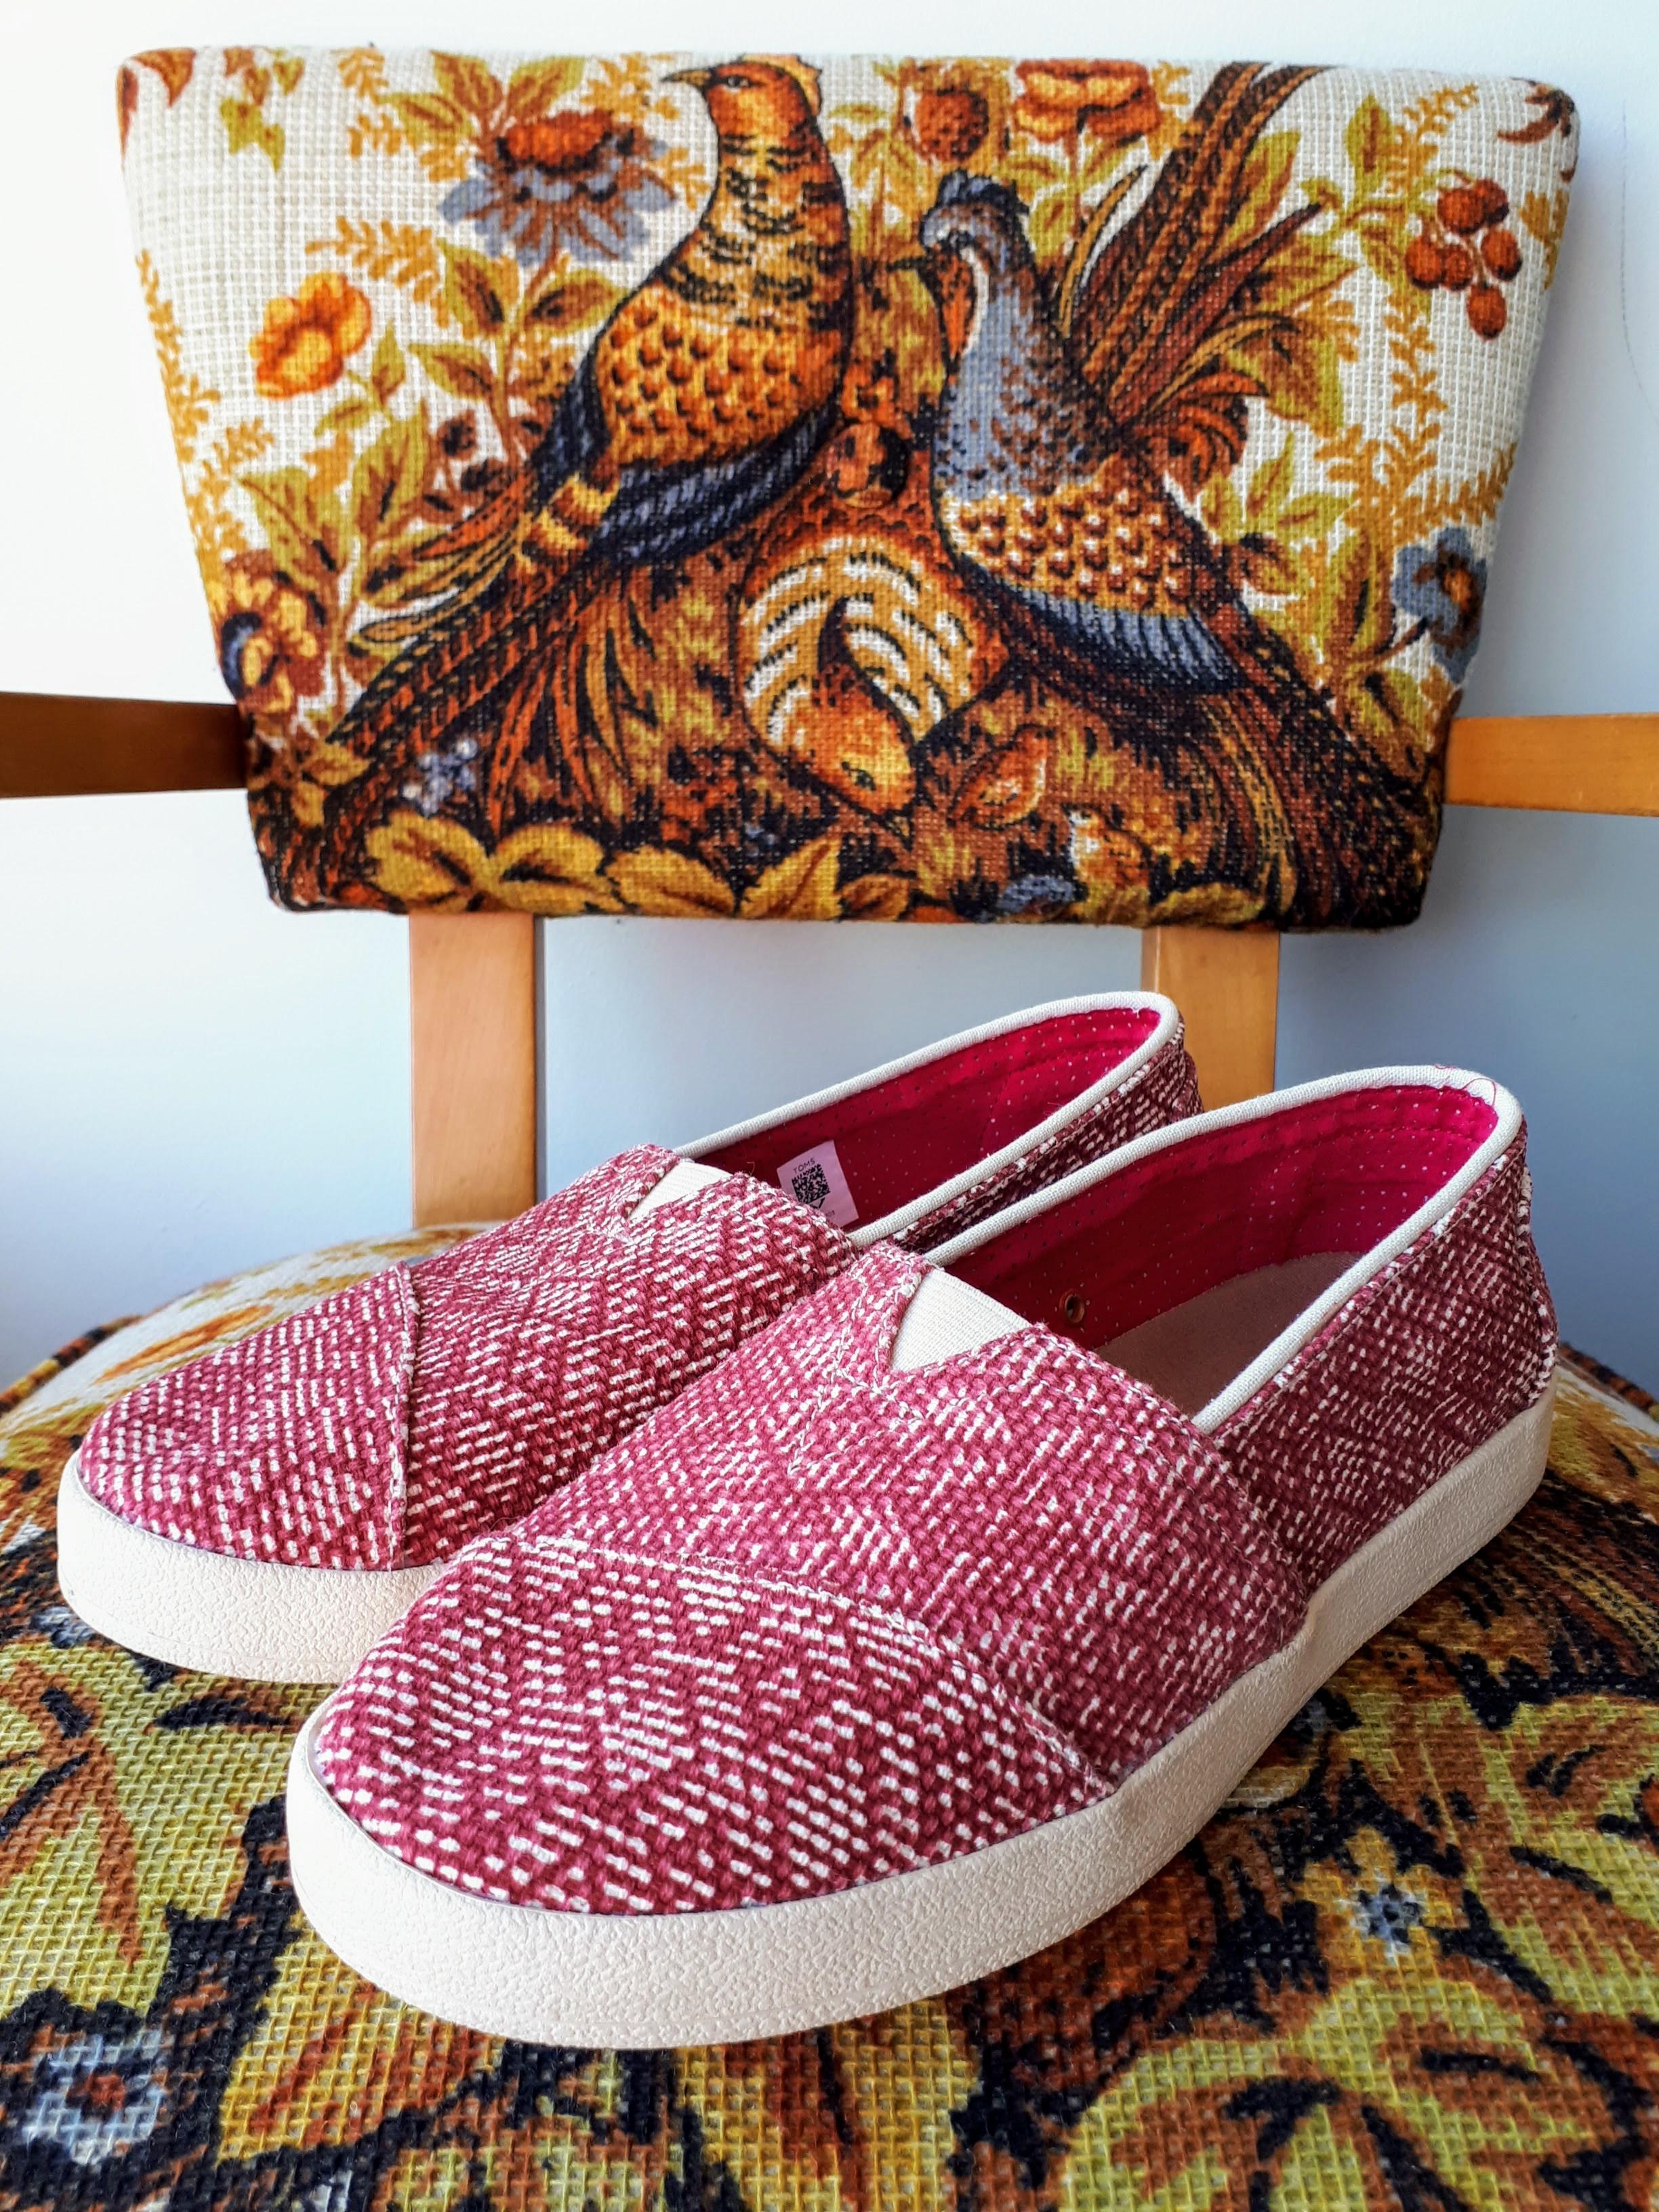 Toms shoes; S7.5, $36